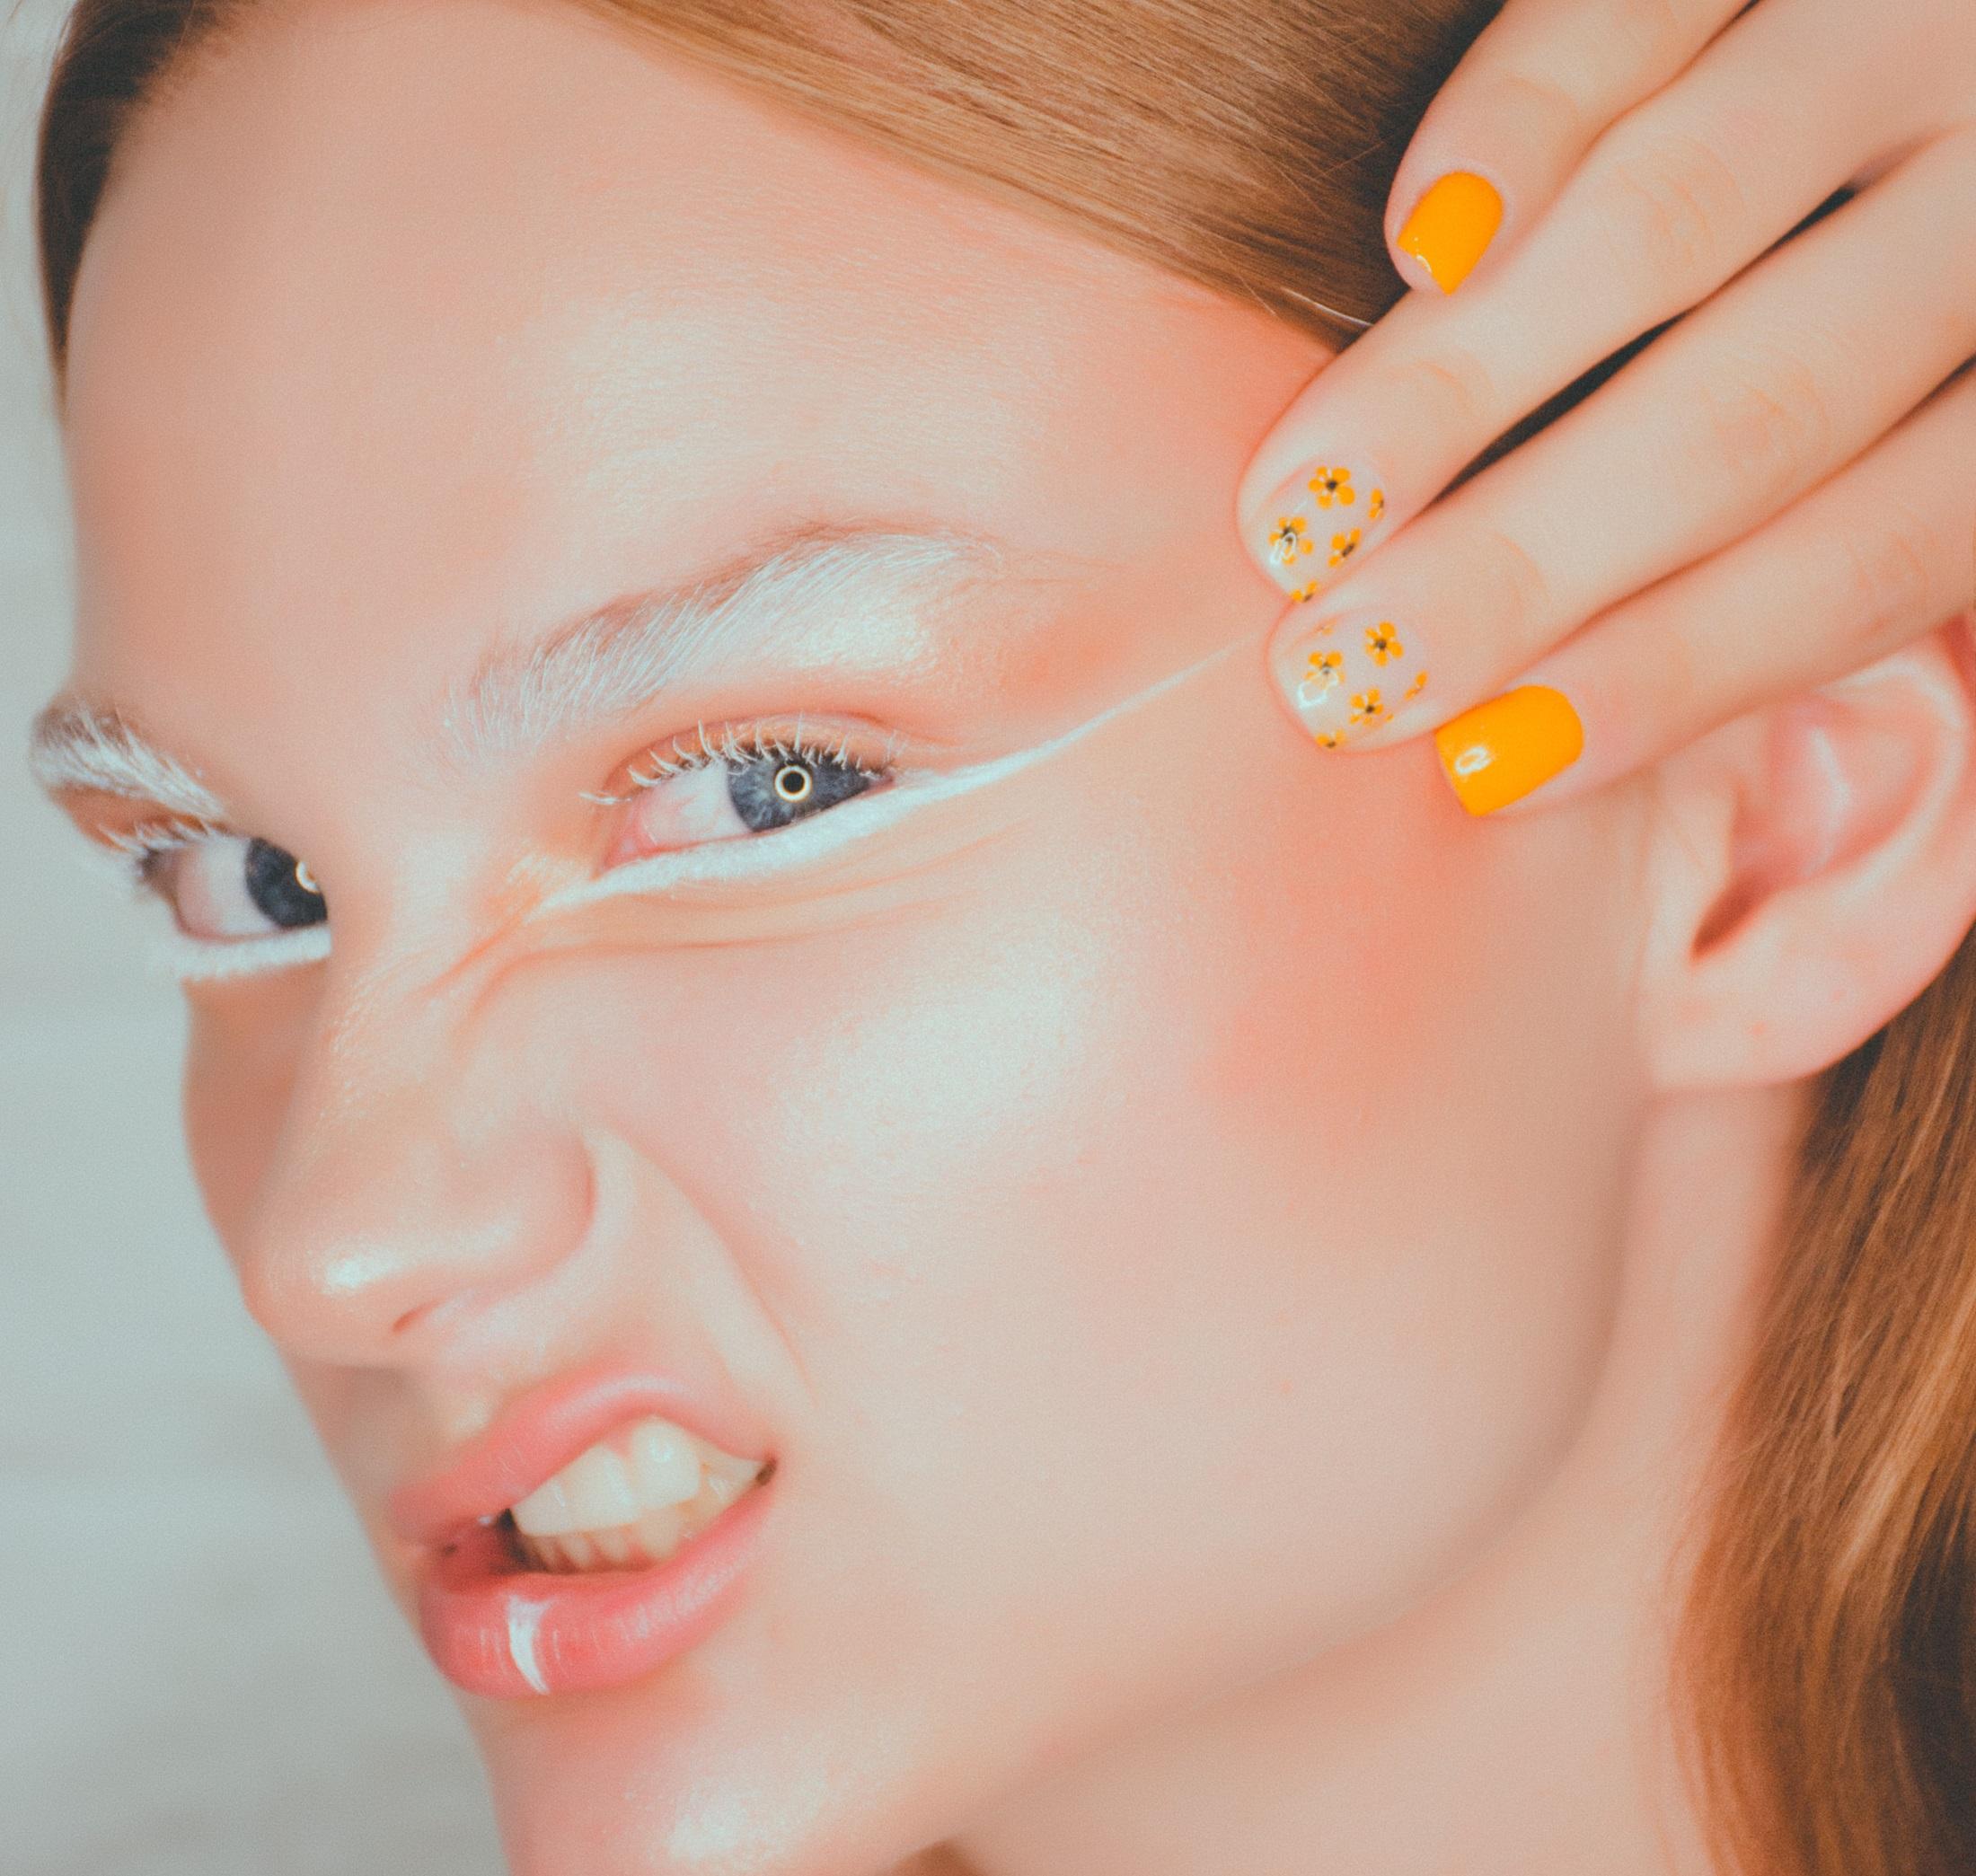 Valerie Elash/ unsplash.com